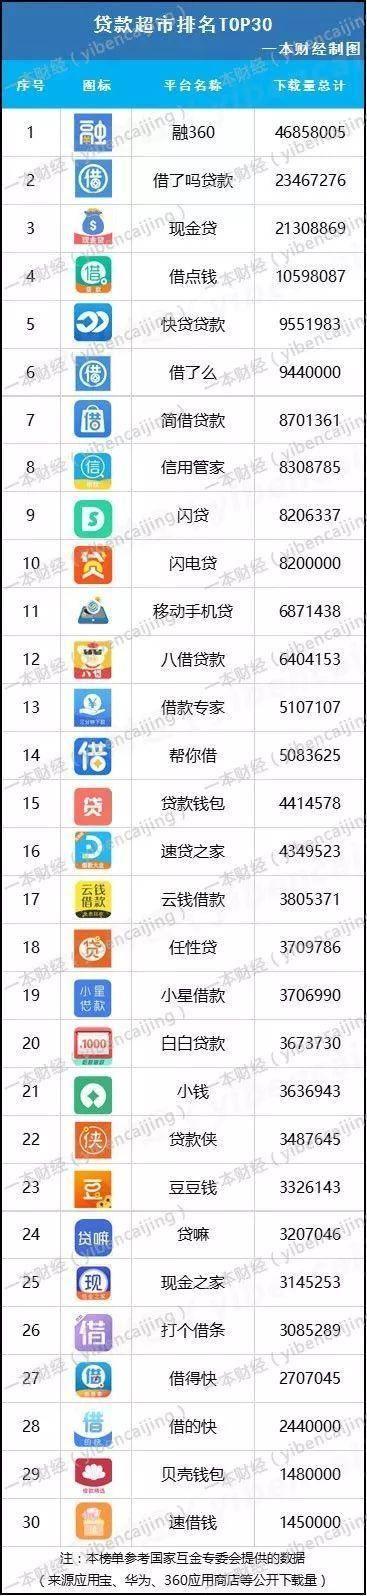 本榜单参考国家互金专委会提供的数据(来源应用宝、华为、360应用商店等公开下载量)